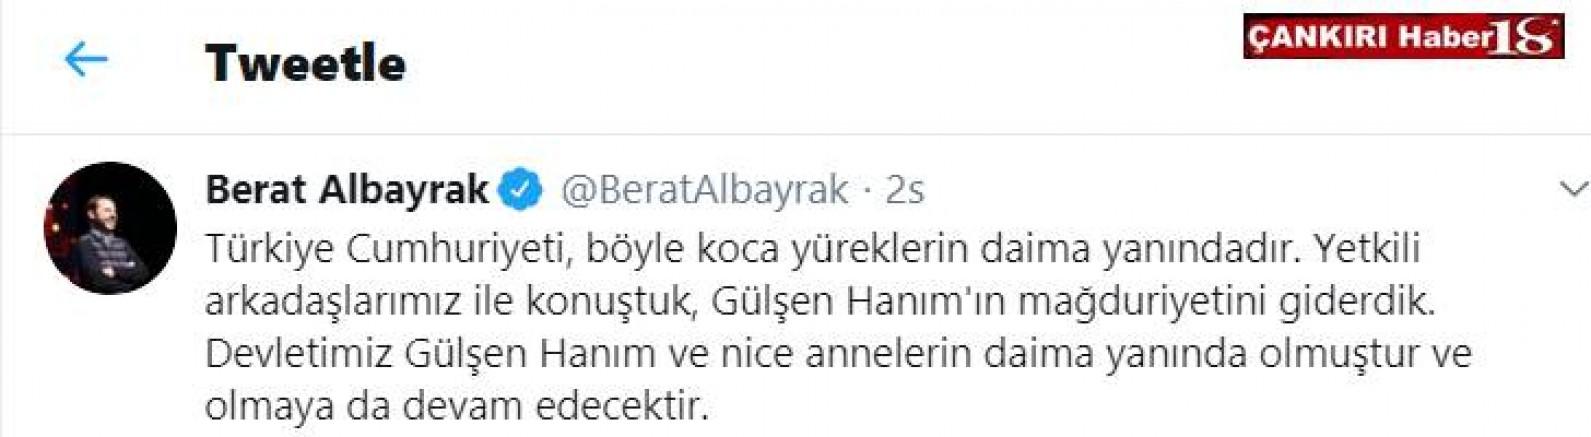 Çankırı'da Çocuğunun Eğitim Paraları Sobadan Yanan Gülşen Hayta'nın mağduriyeti  giderilecek - Çankırı Genel Haber Haber18 - attorney at law ,boat yacht  wealth luxury